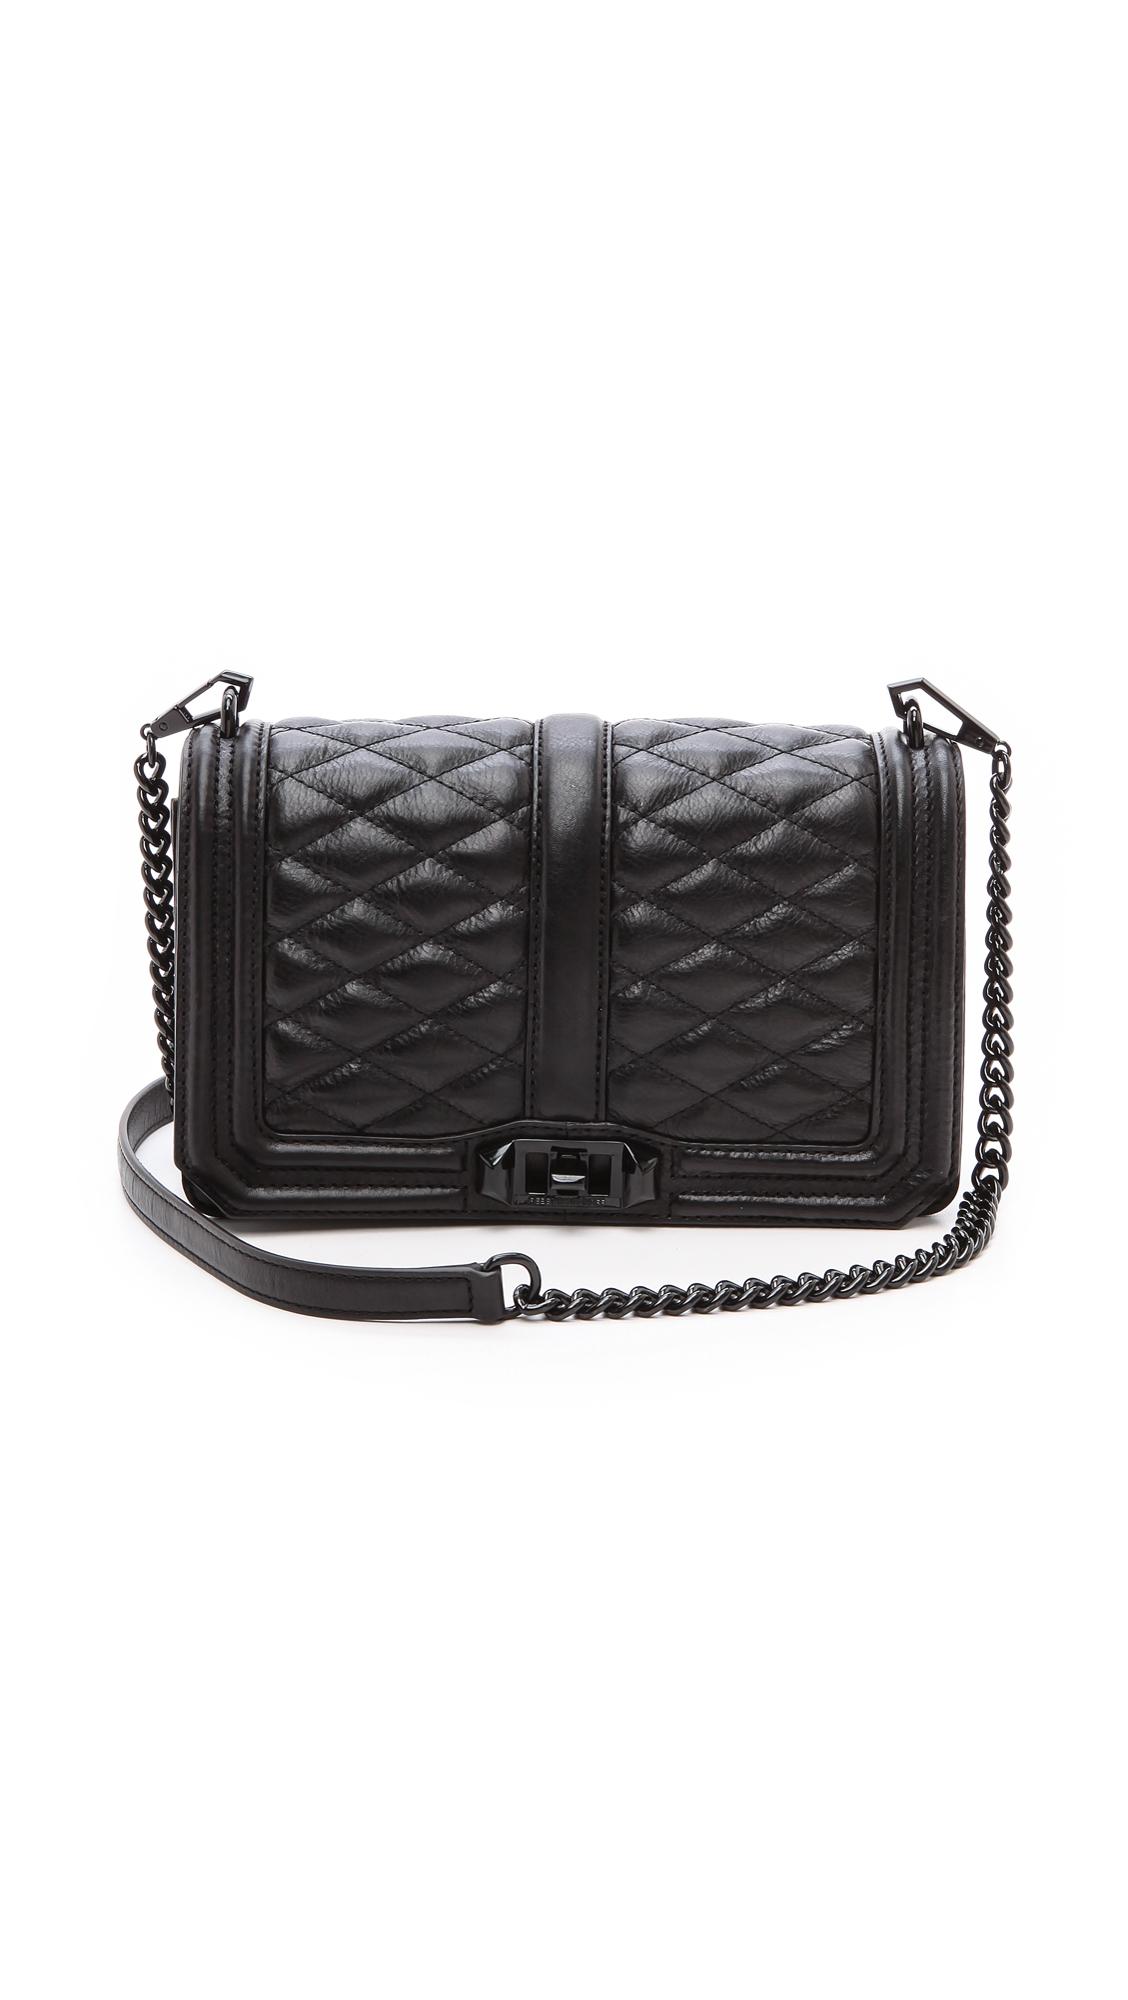 Rebecca Minkoff Love Quilted Leather Shoulder Bag, Black